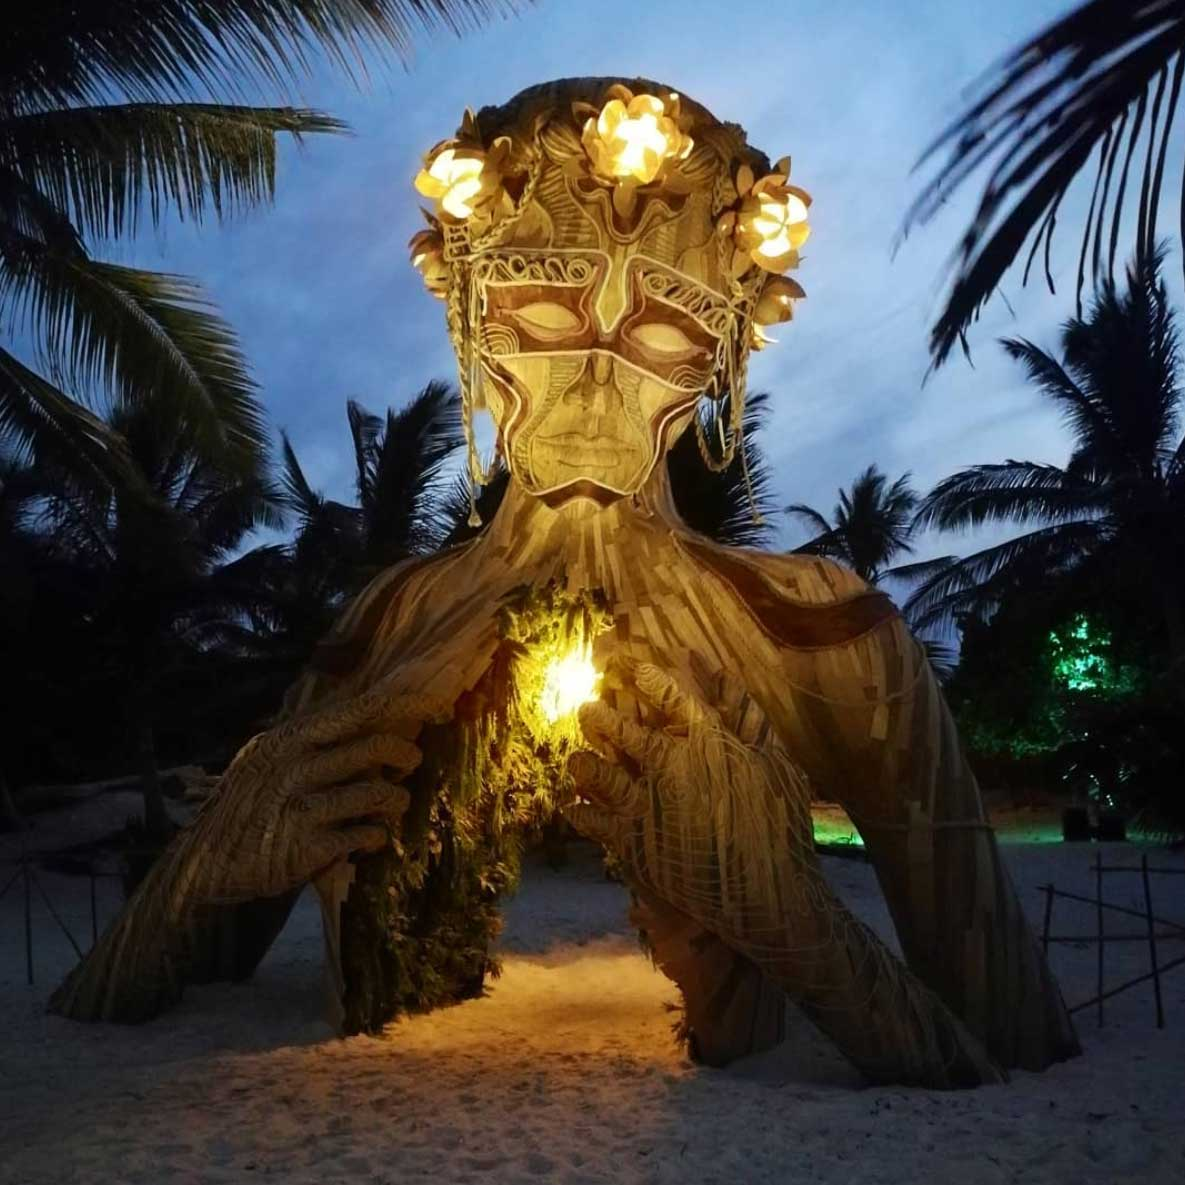 Gigantische Holzskulptur zum Durchschreiten Daniel-Popper-ven-a-la-luz_04